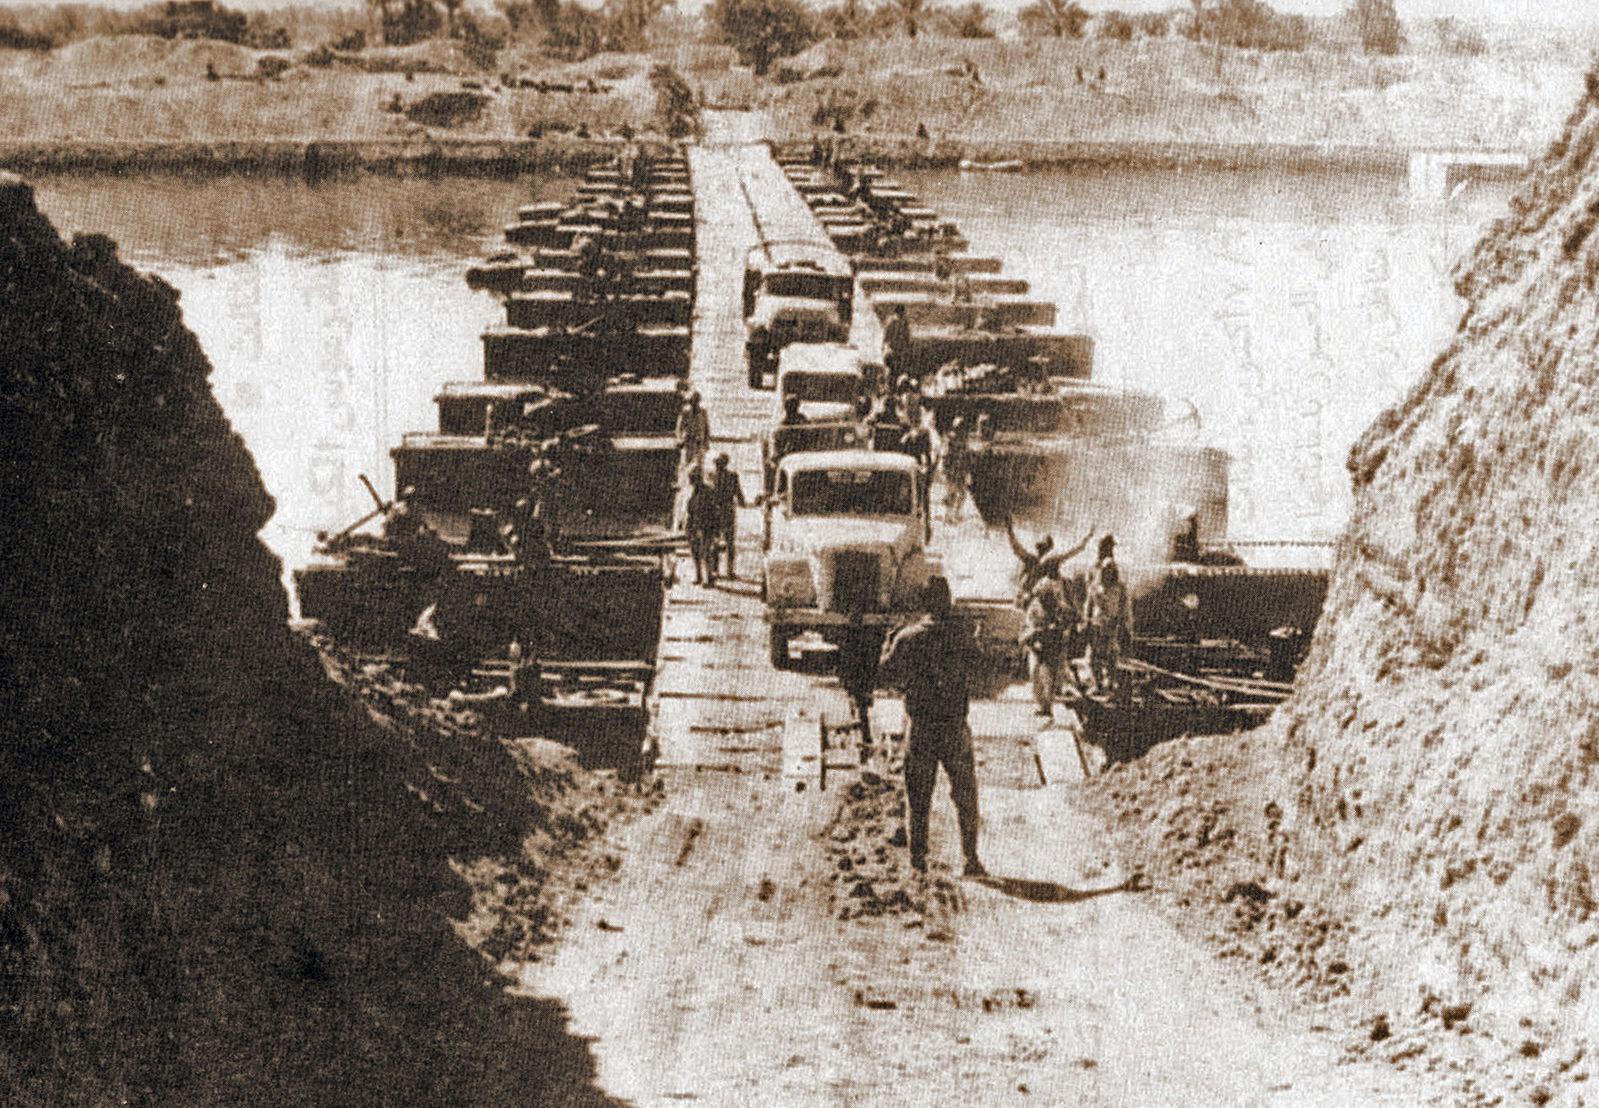 Armée égyptienne - canal de Suez - 7 octobre 1973 - Histoire - Terminale - SchoolMouv